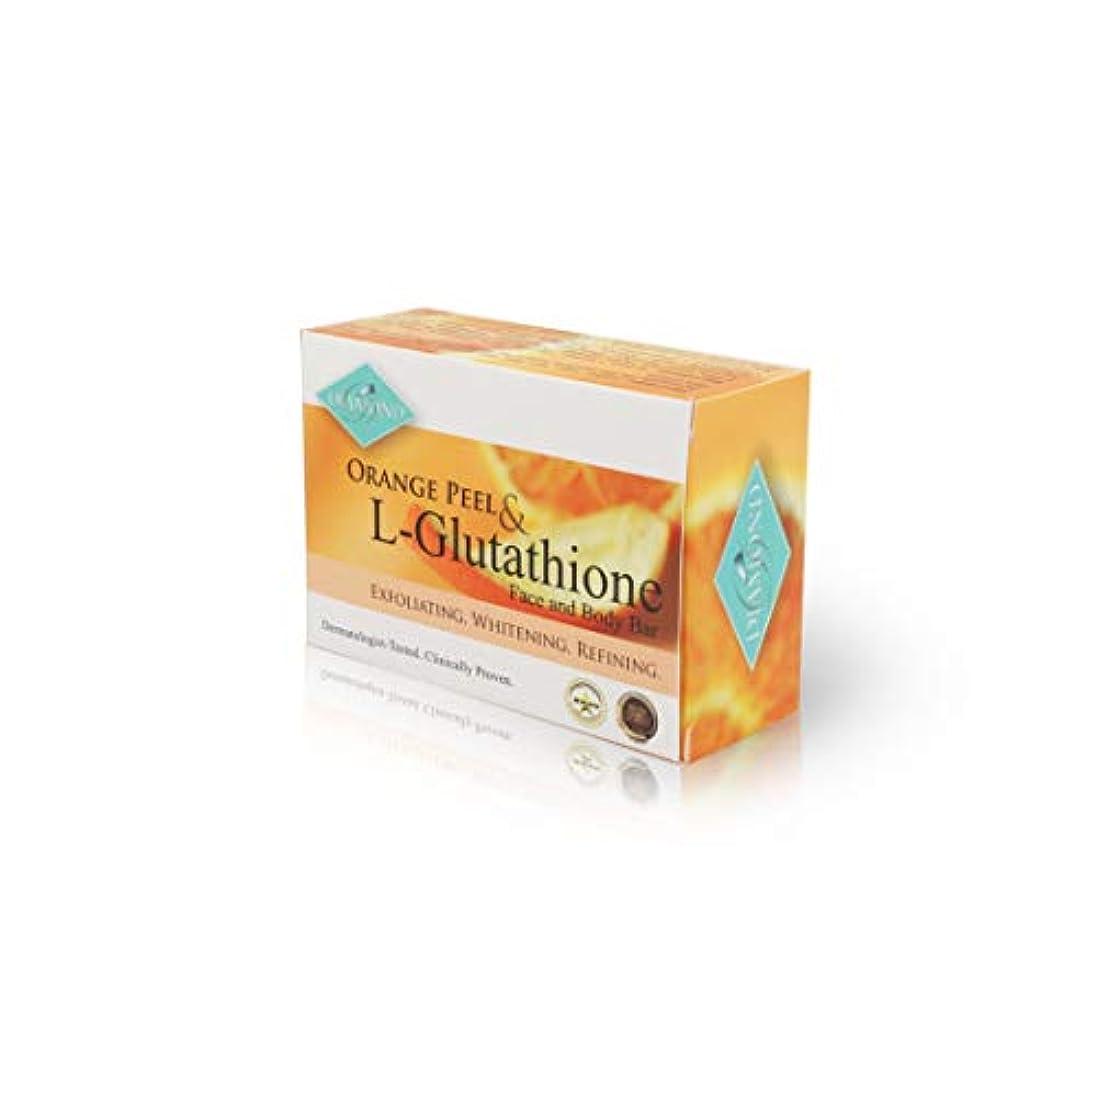 最後に伴うキロメートルDIAMOND ORANGE PEEL&Glutathione soap/オレンジピール&グルタチオン配合ソープ(美容石けん) 150g 正規輸入品